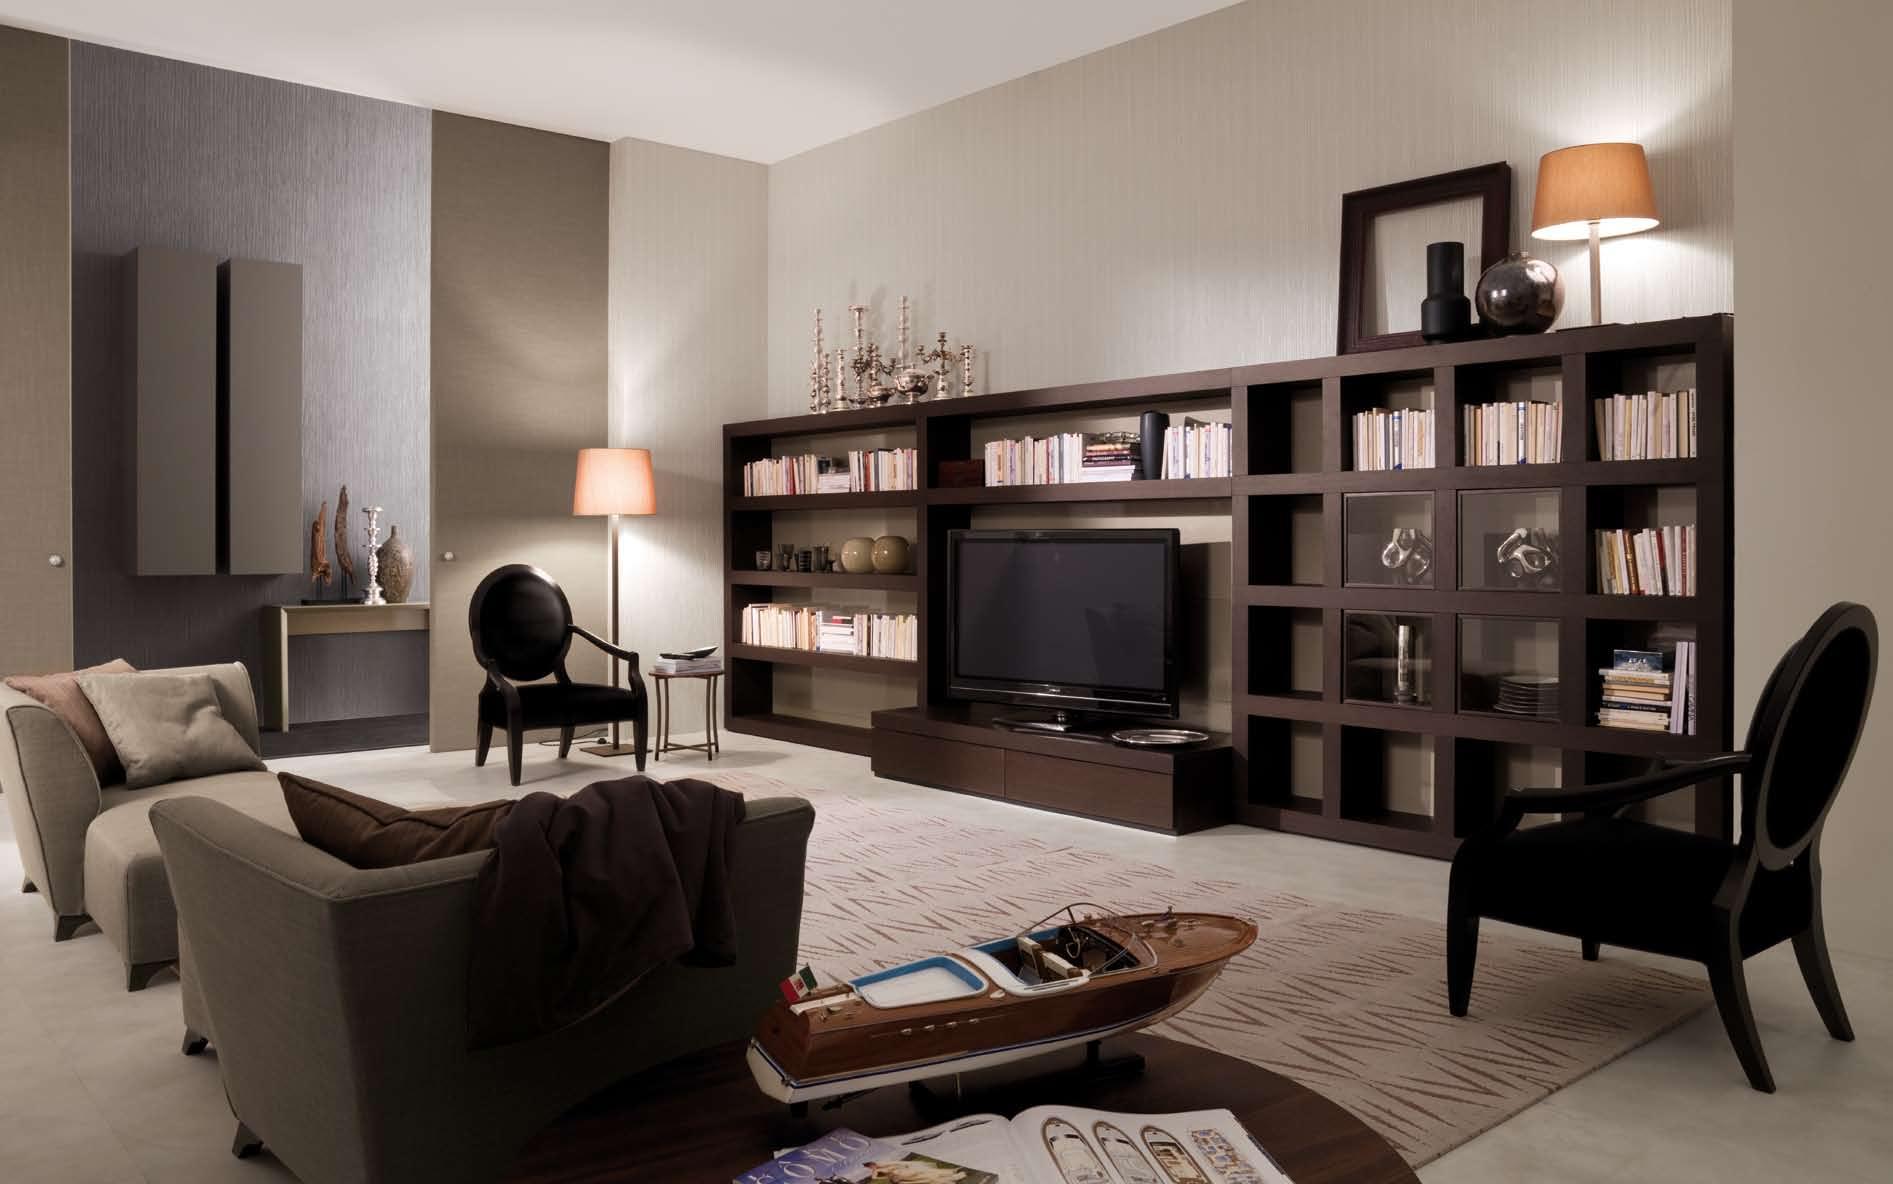 Mobileffe-Living-Room-Interior-004